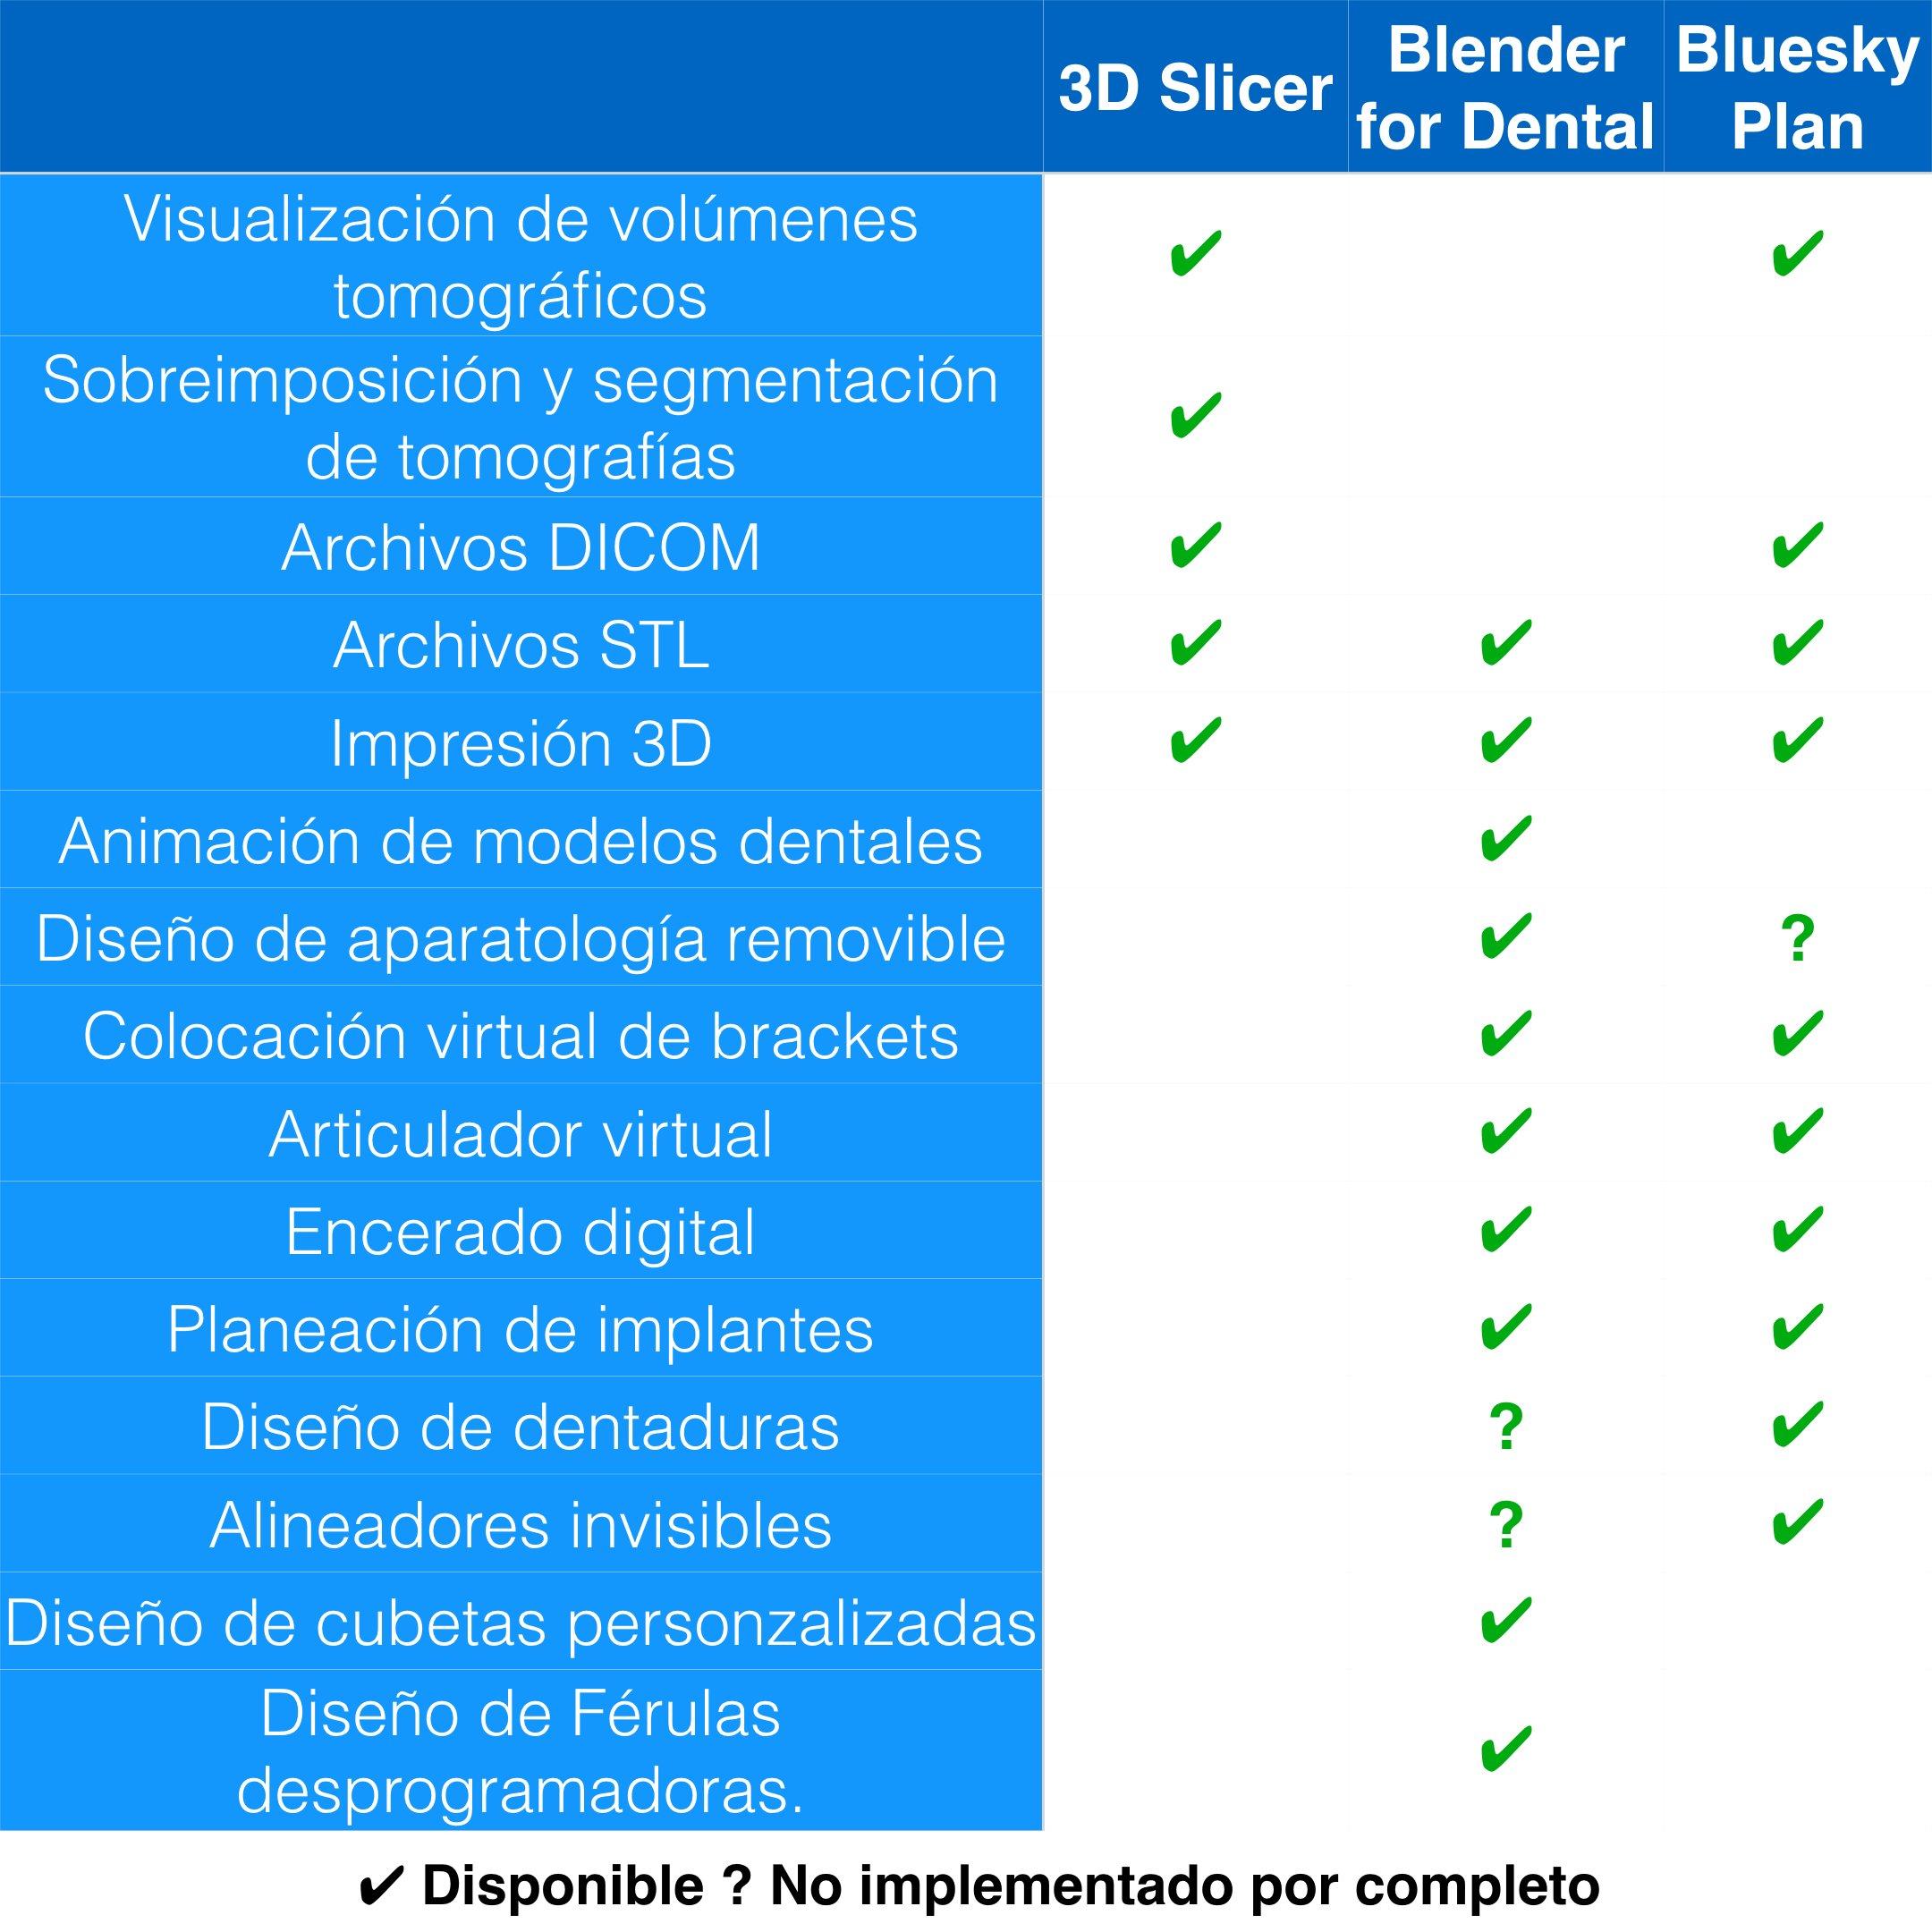 Tabla comparativa de software dental